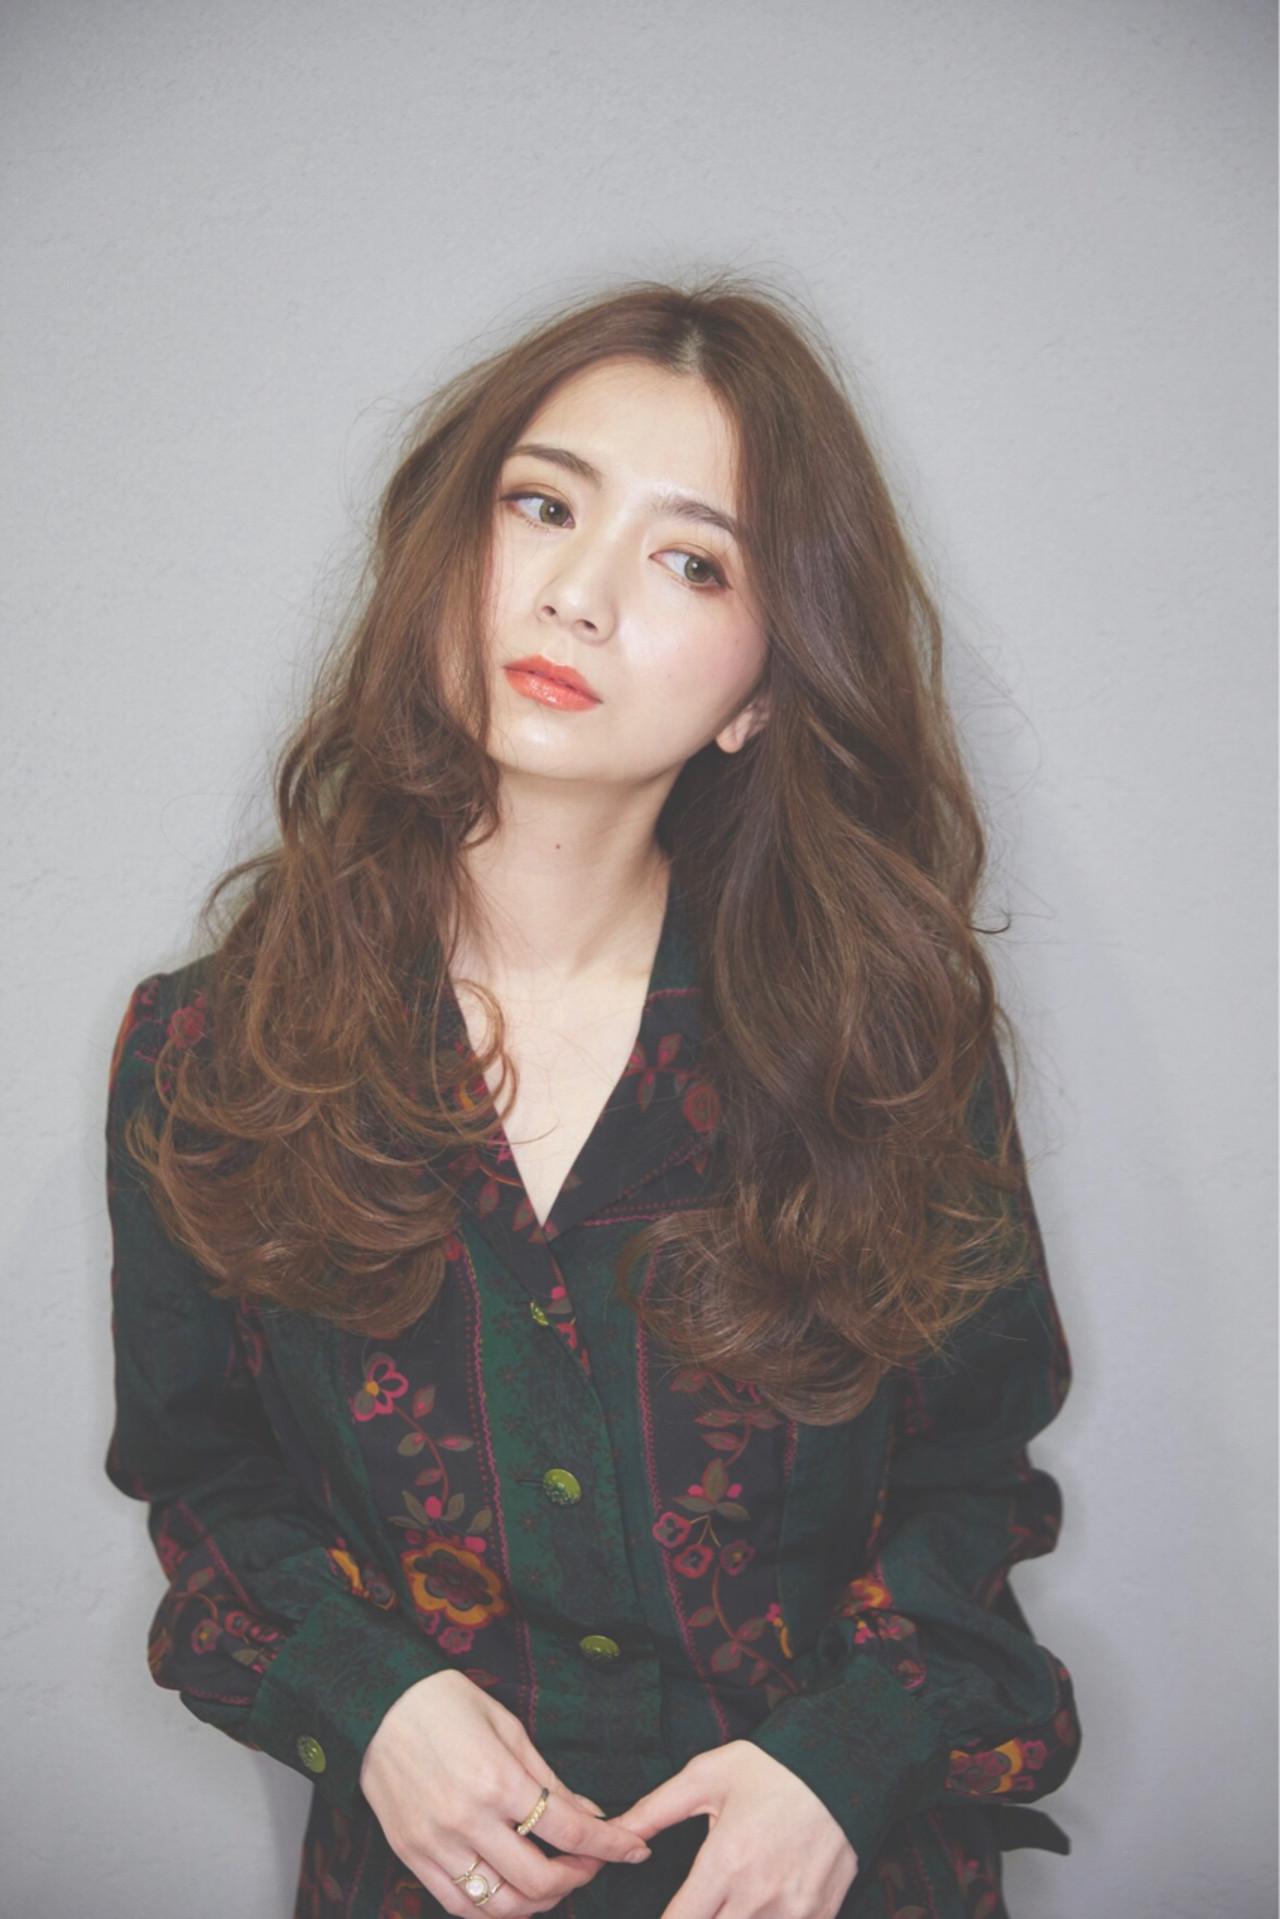 大人っぽさを出すならセンターパート♪ koki | Michio Nozawa hair salon ginza/Noz銀座店